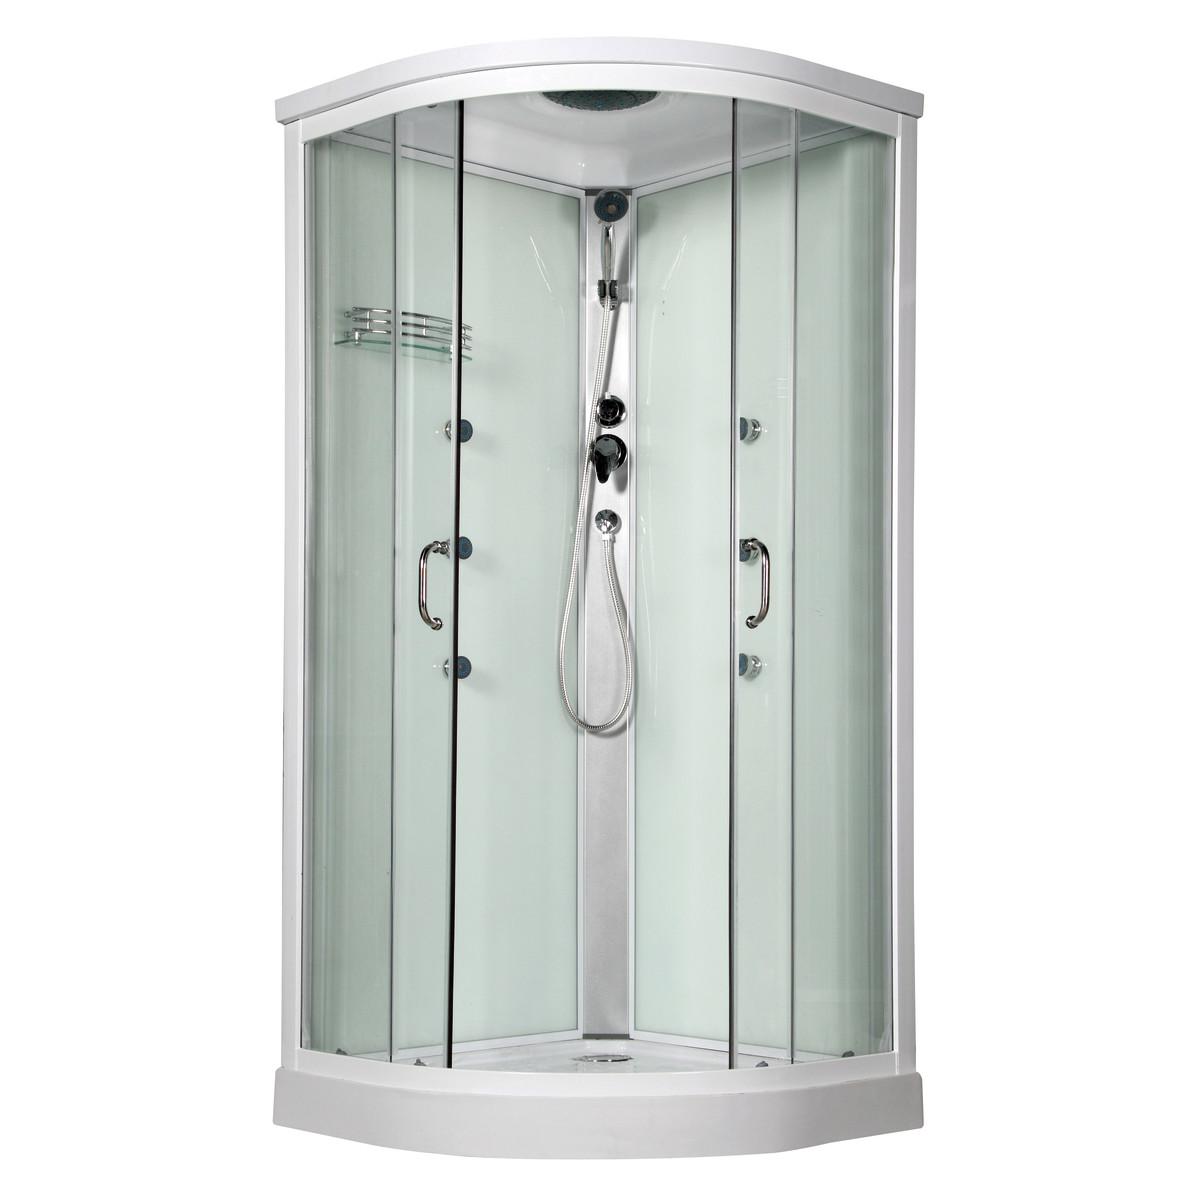 Cabina idromassaggio 80 x 80 cm prezzi e offerte online for Leroy merlin doccia